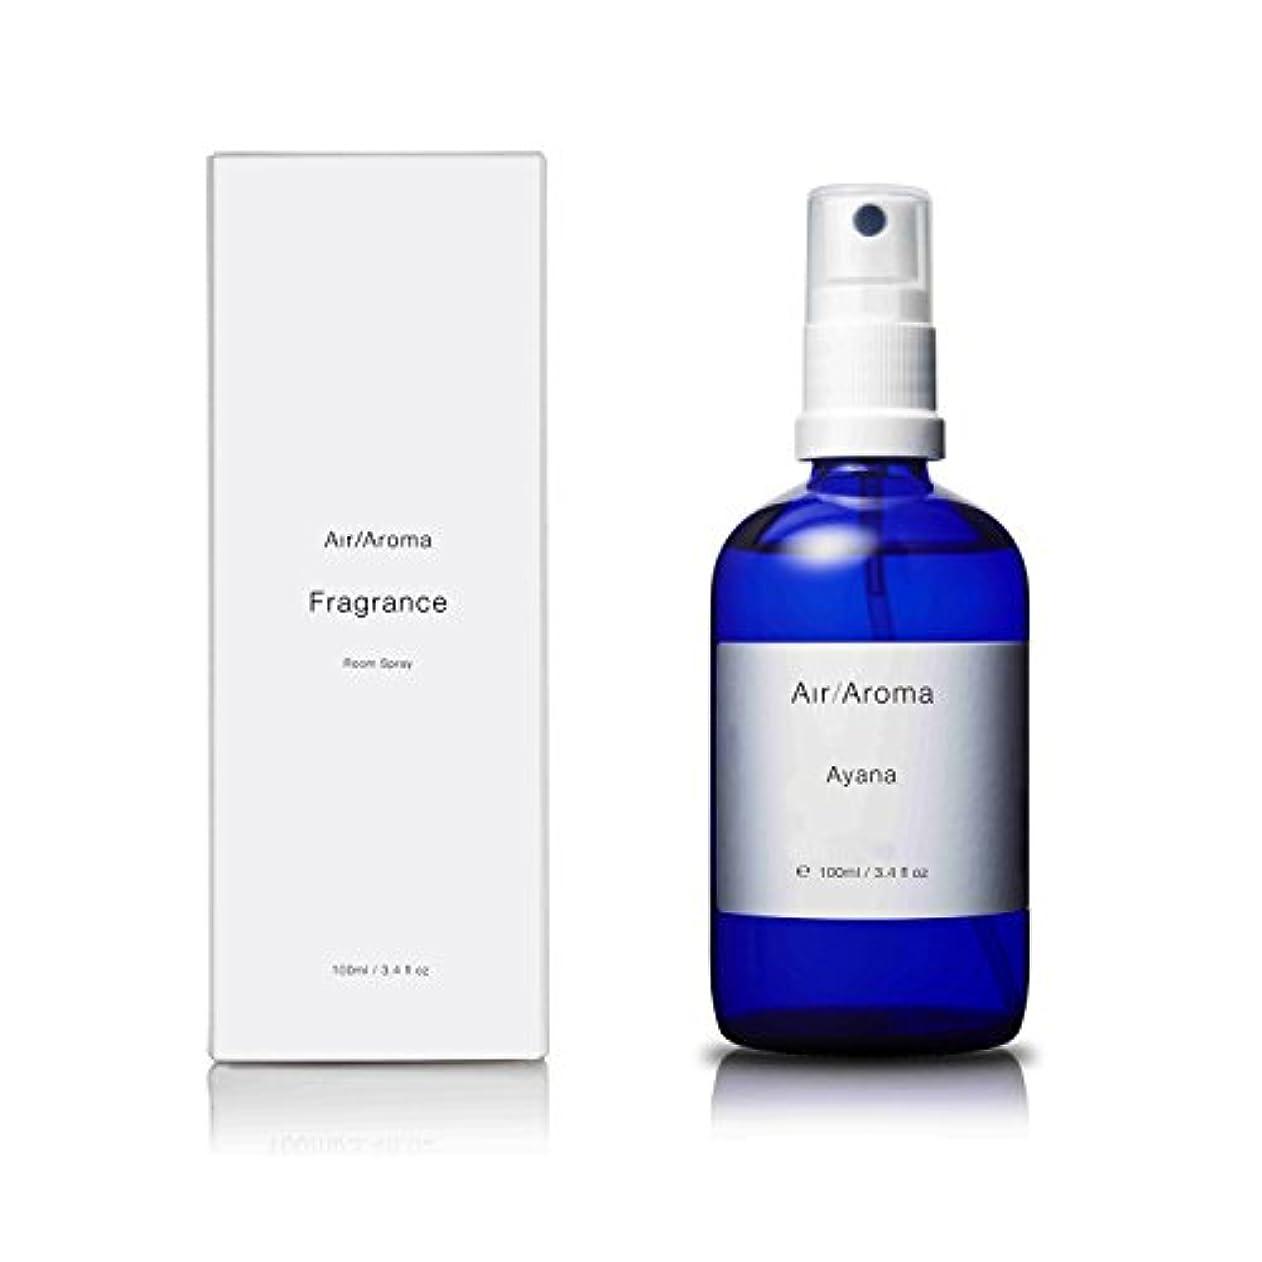 ワーカーぬいぐるみ戻すエアアロマ ayana room fragrance (アヤナ ルームフレグランス) 100ml